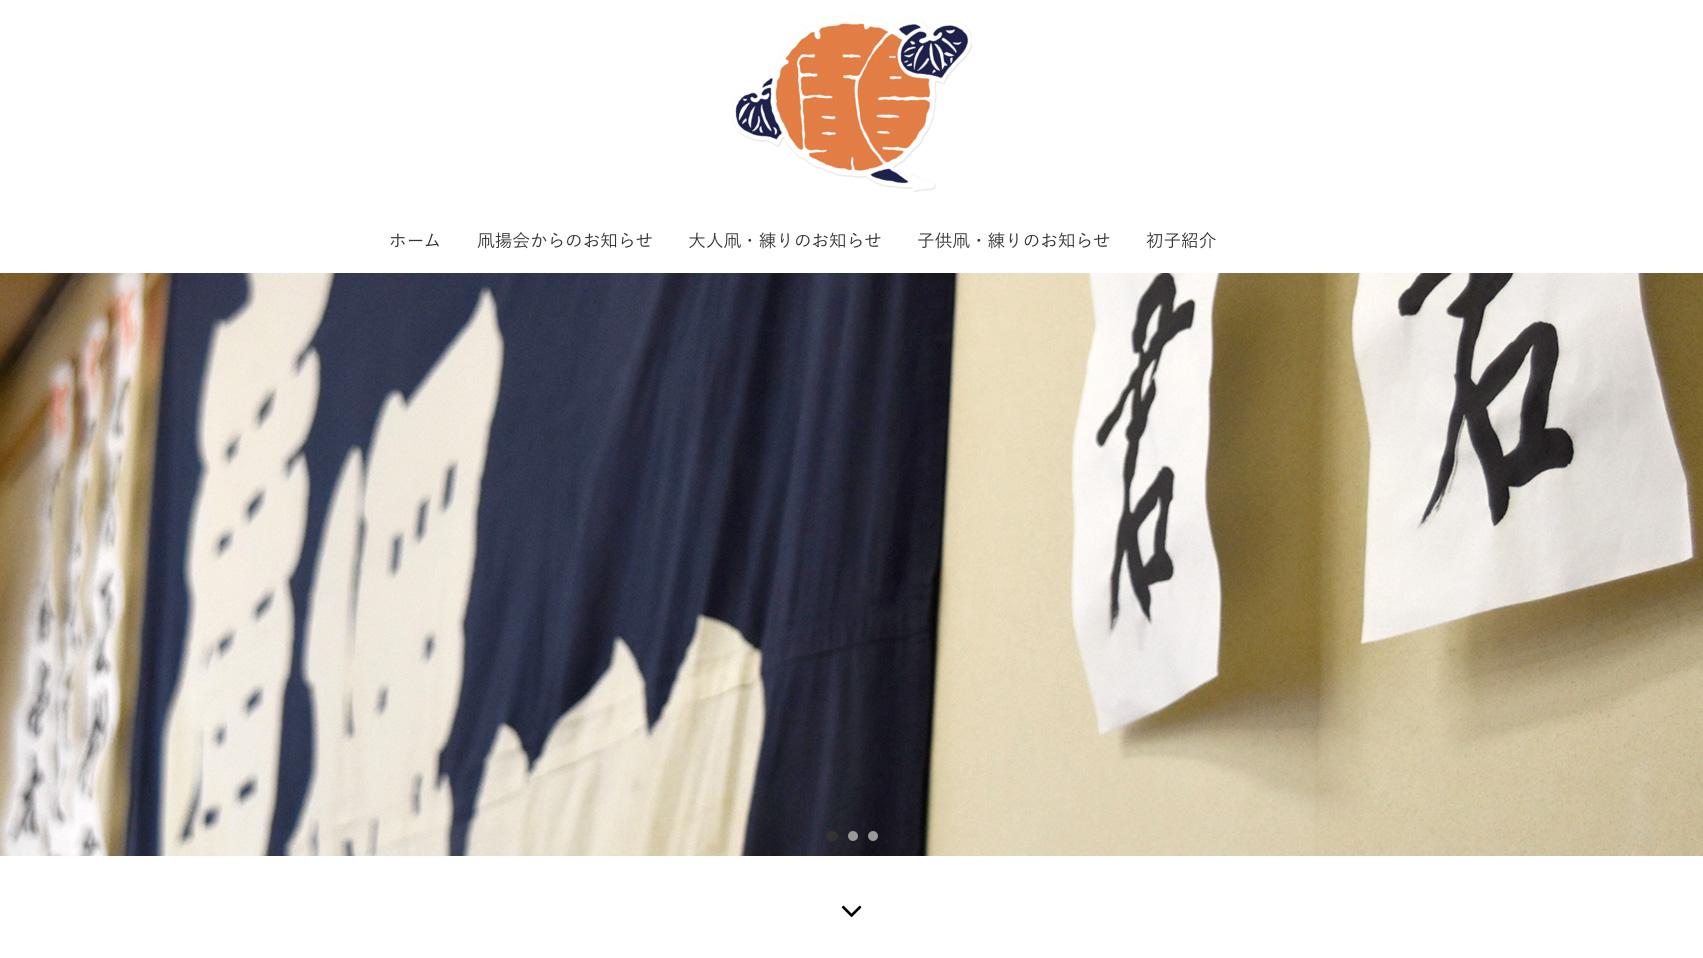 実績紹介: 広沢町凧揚会ひ組様